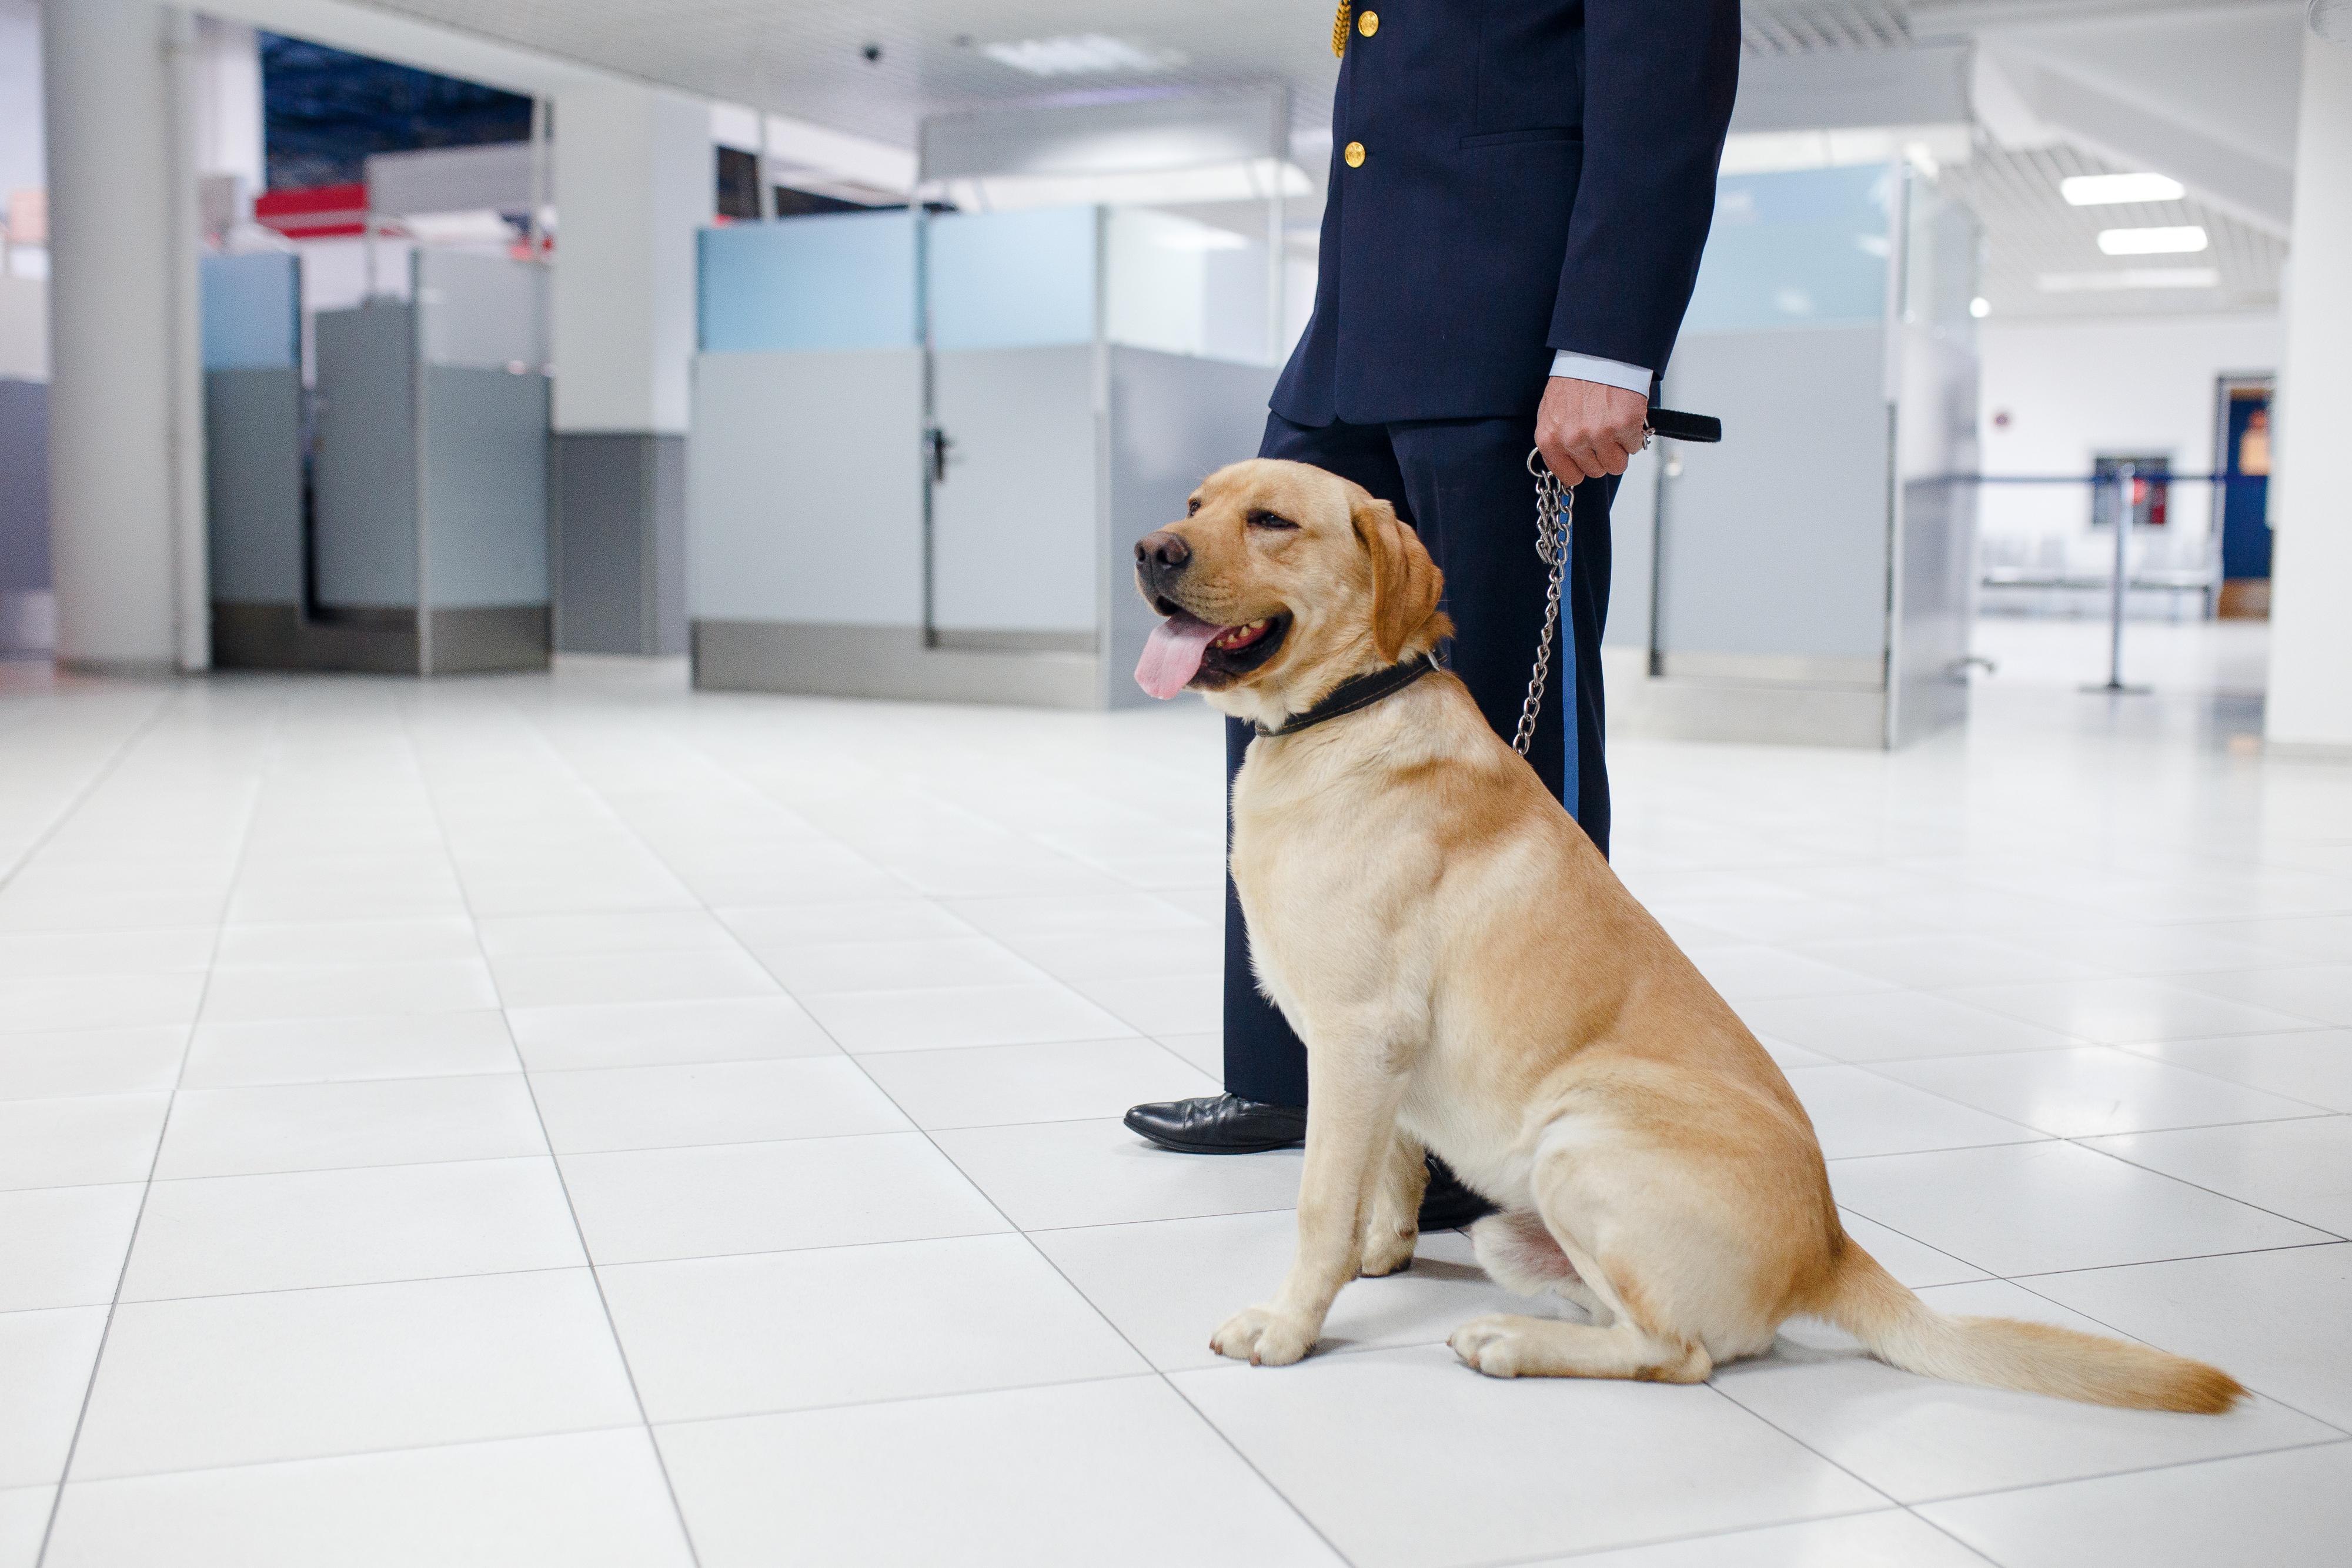 Na letališču v Sydneyju psi tolažijo potnike